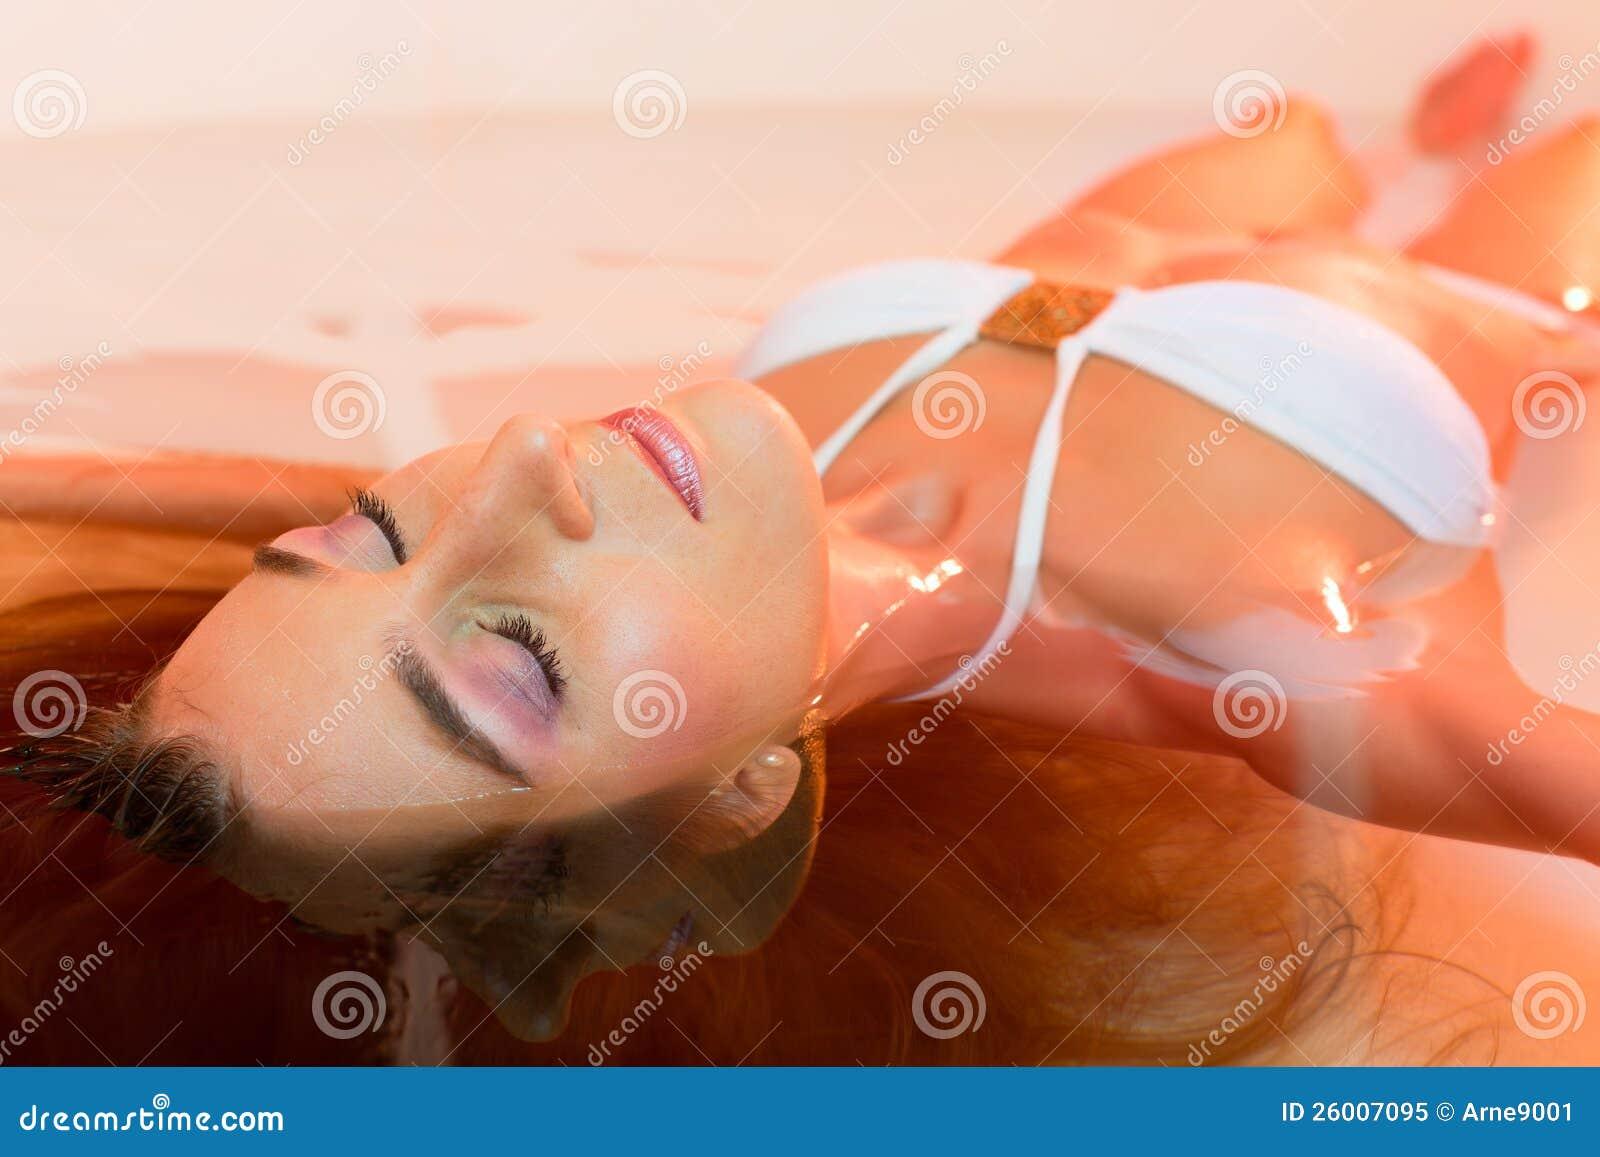 Wellness - ung kvinna som flottörhus i Spa